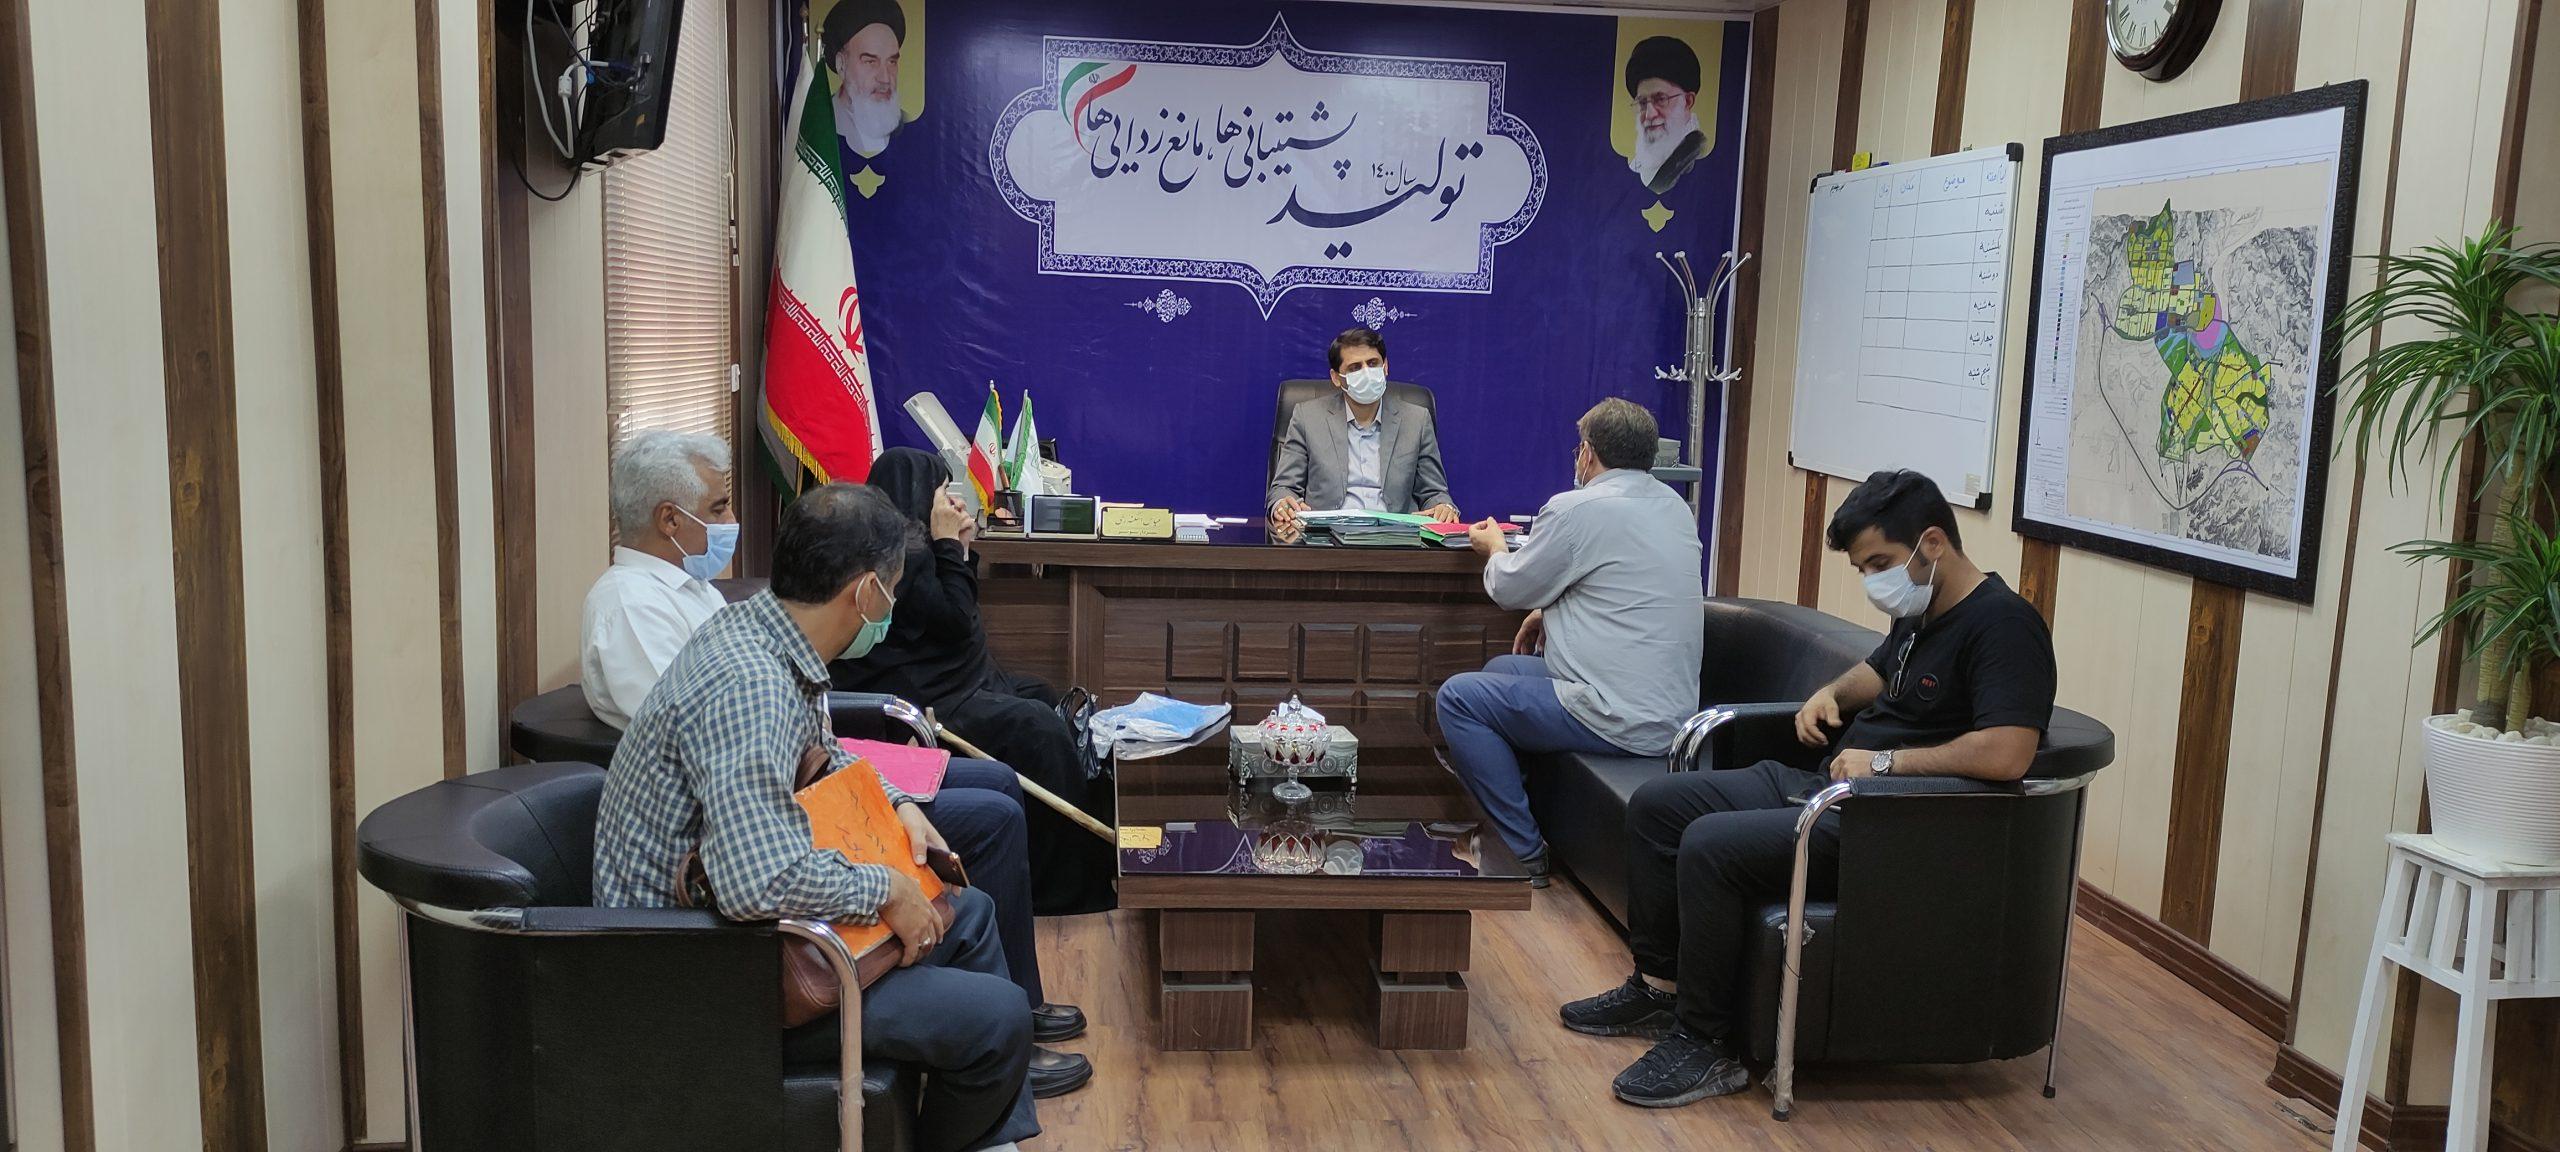 در راستای تکریم ارباب رجوع/جلسه ملاقات مردمی شهردار کهن شهر شوشتر برگزار شد